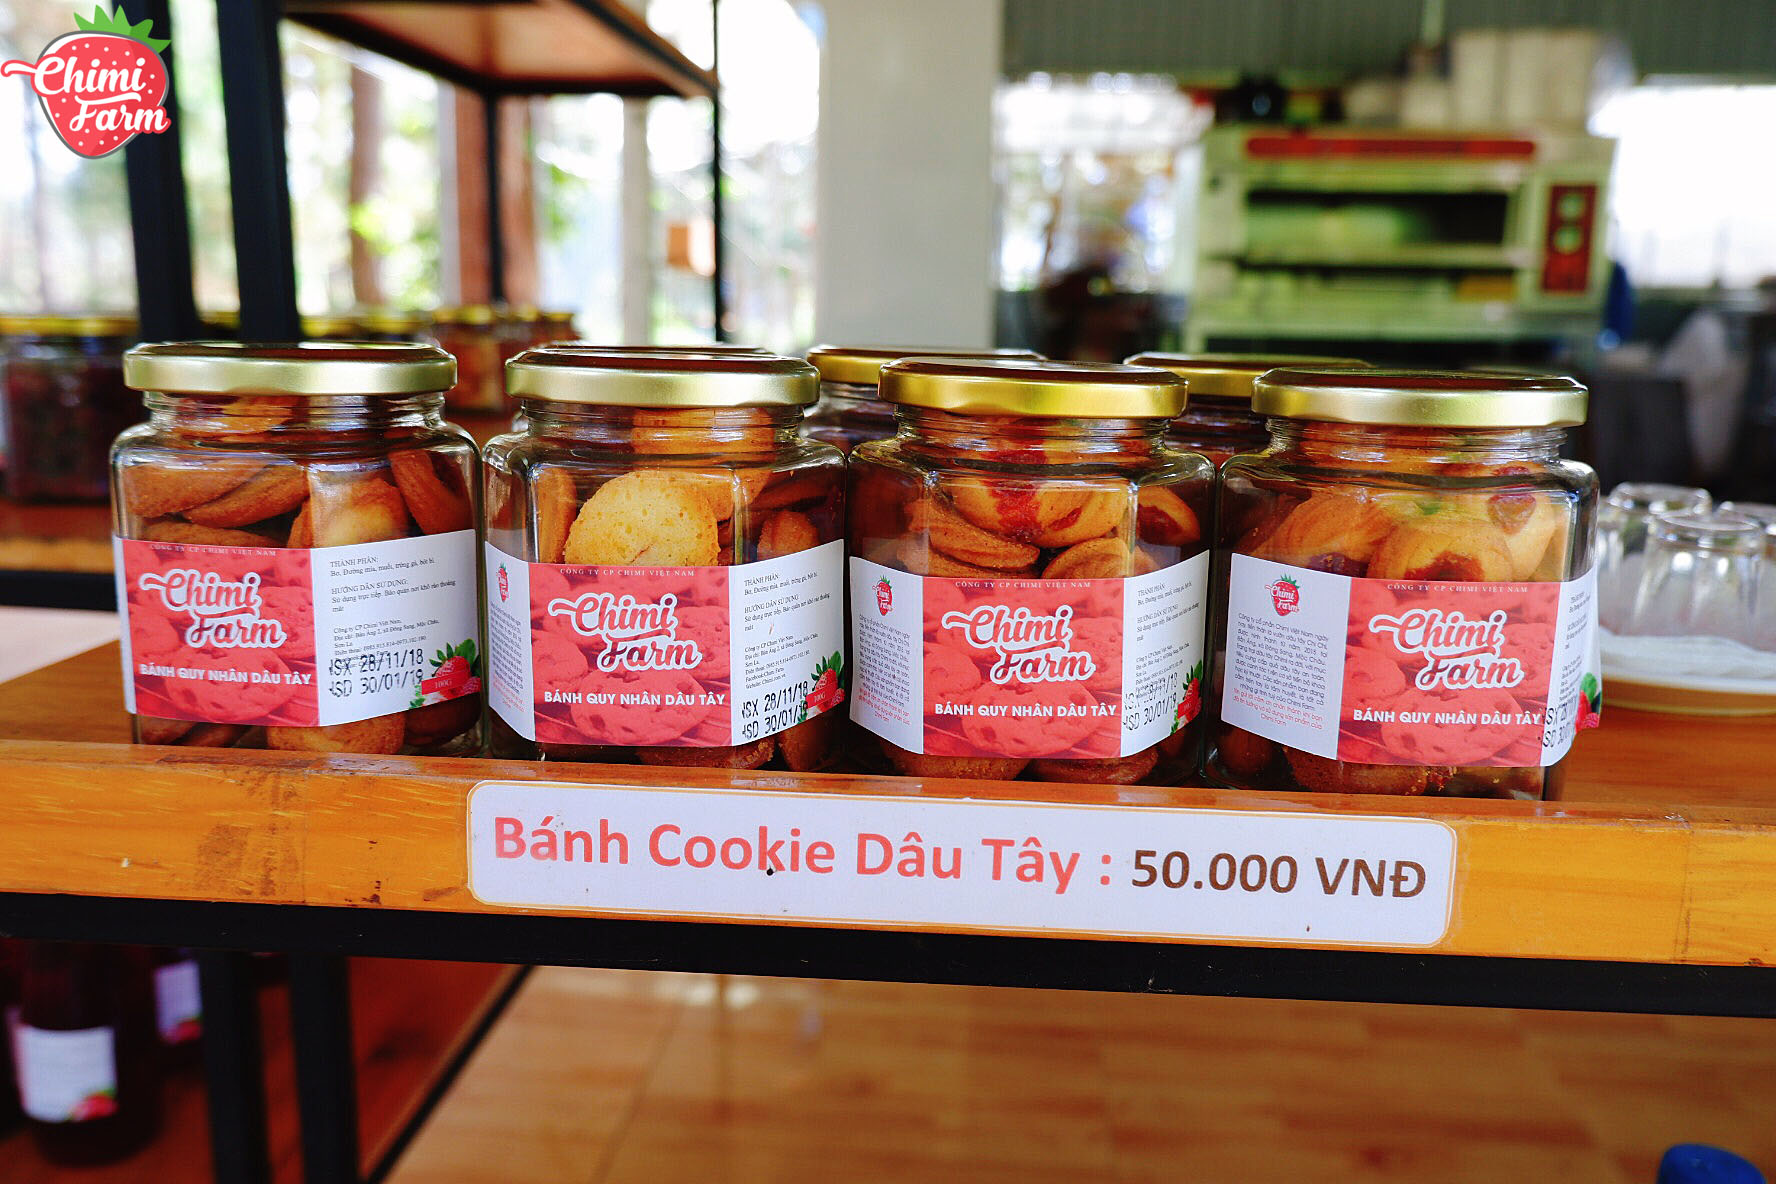 Bánh cookie dâu tây - Cách đặt mua các sản phẩm dâu tây